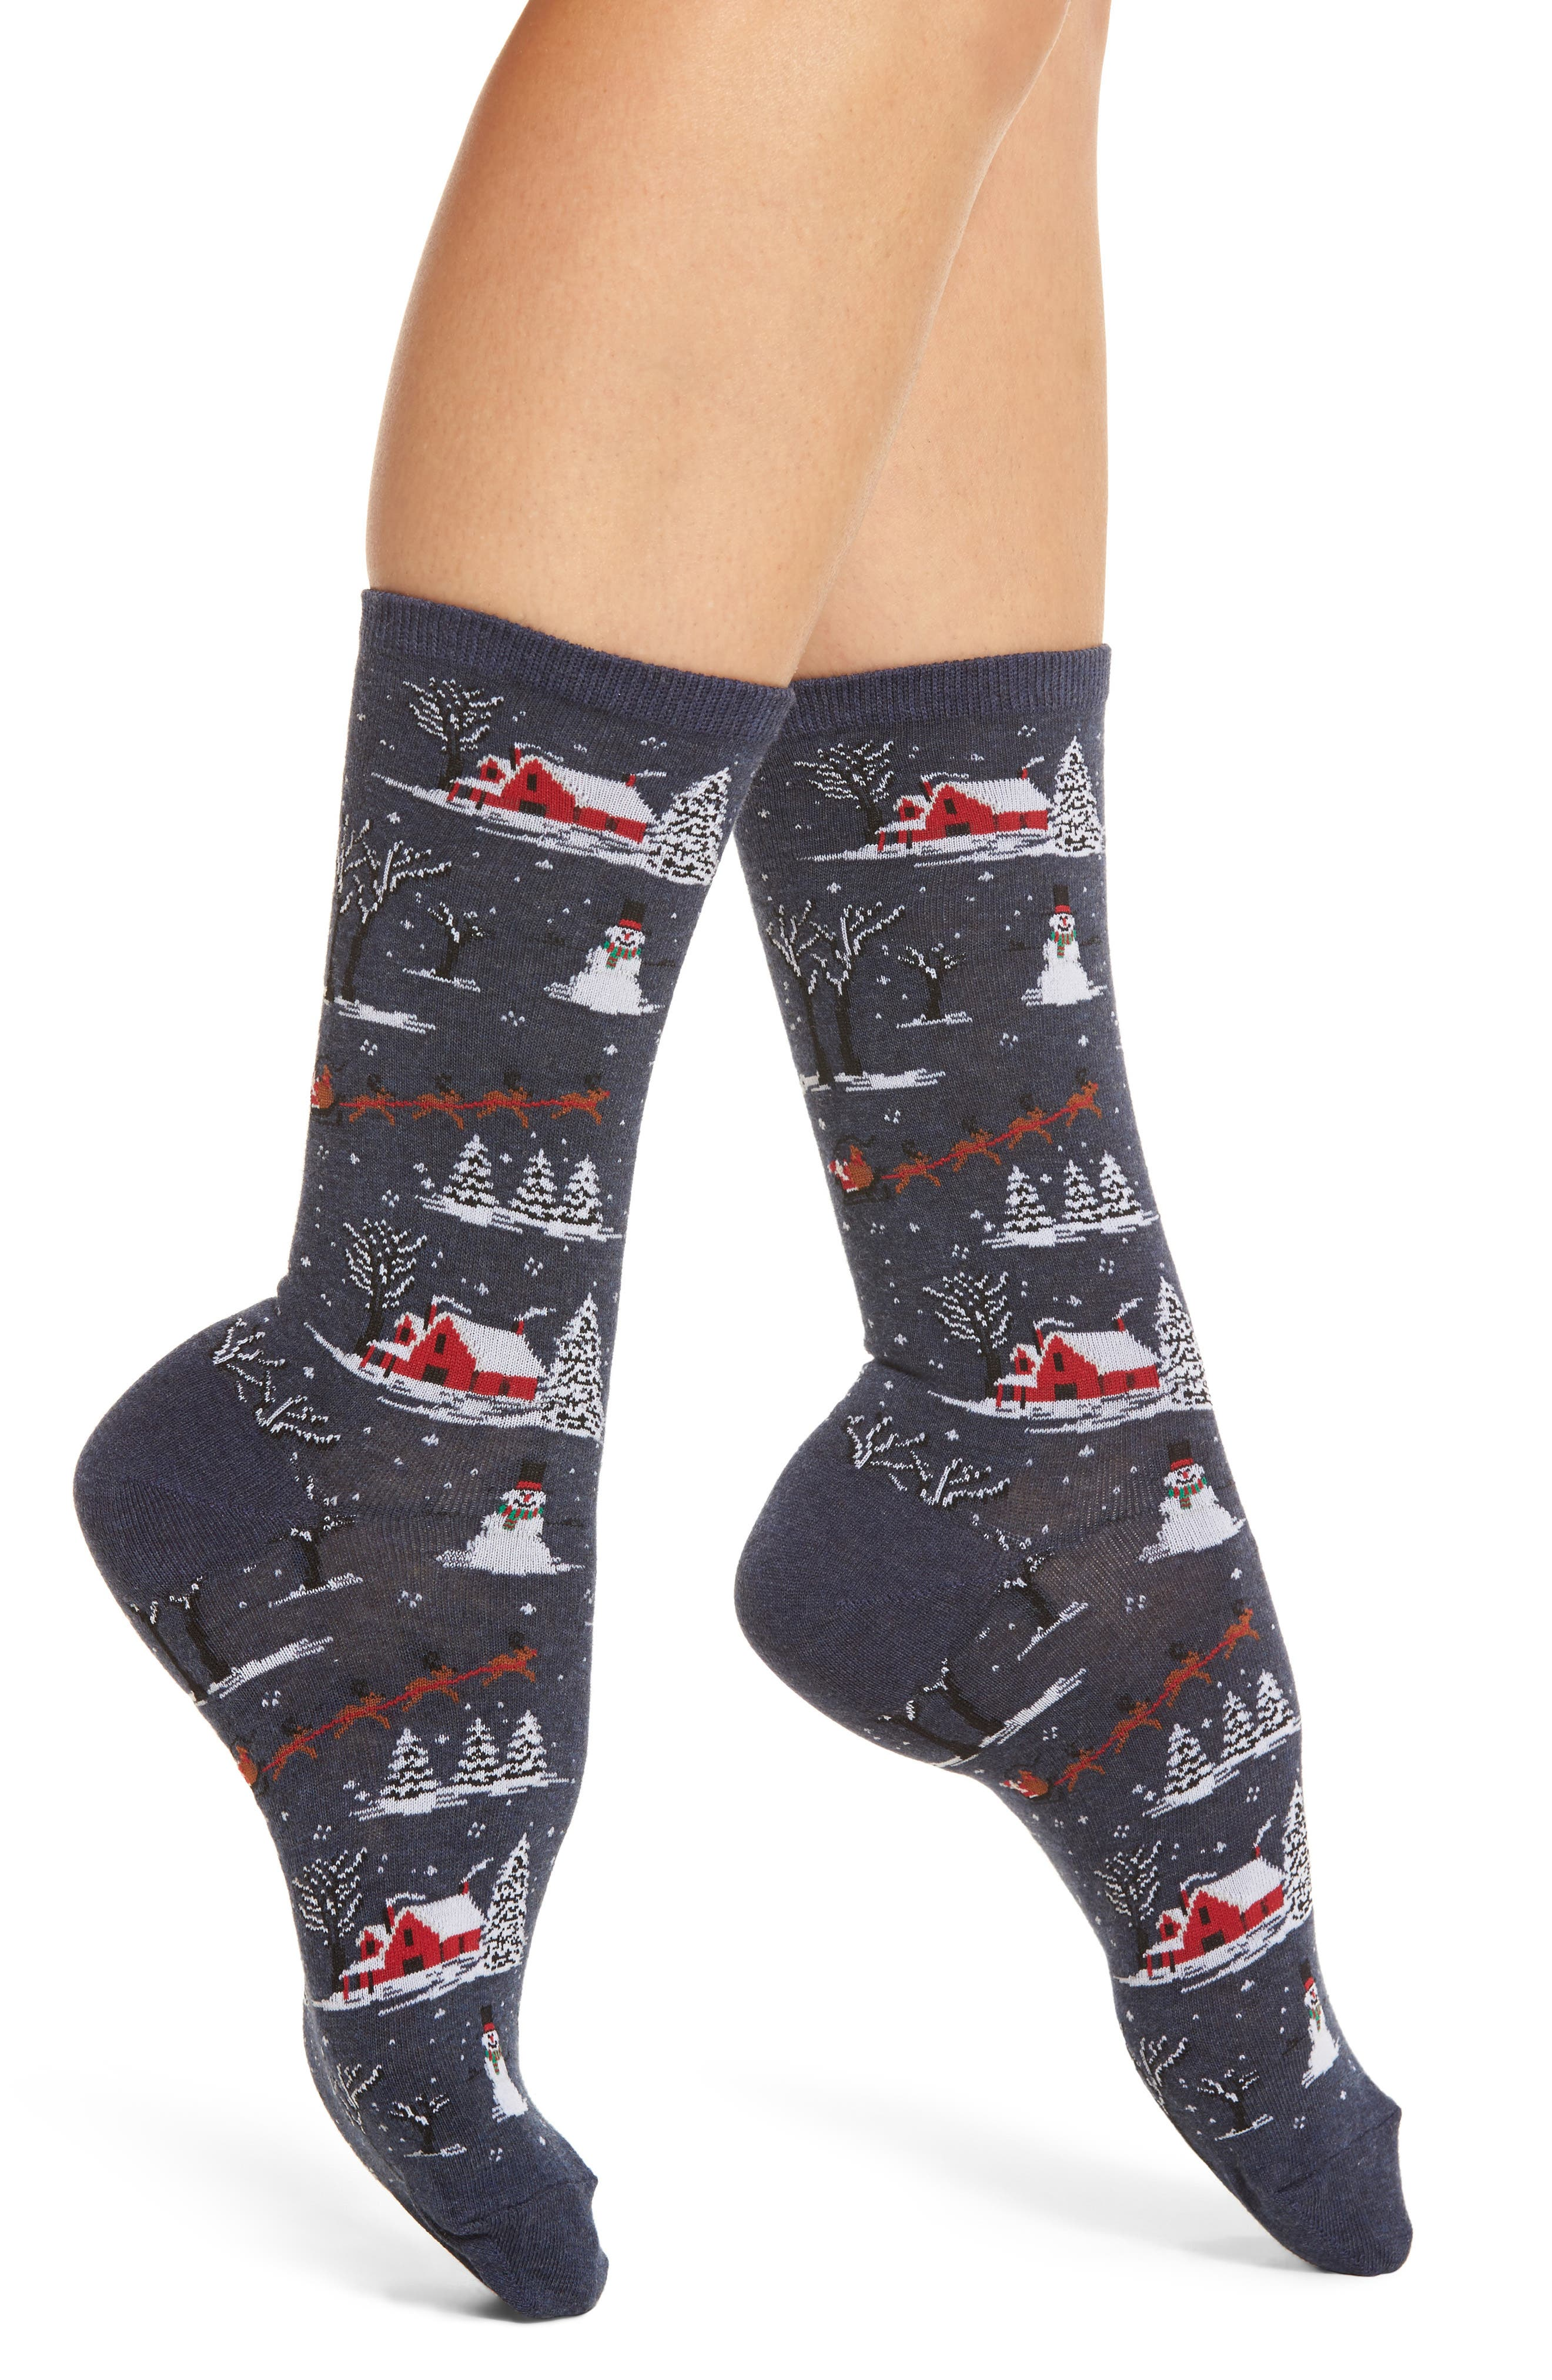 Hot Sox Christmas Scene Crew Socks (3 for $15)